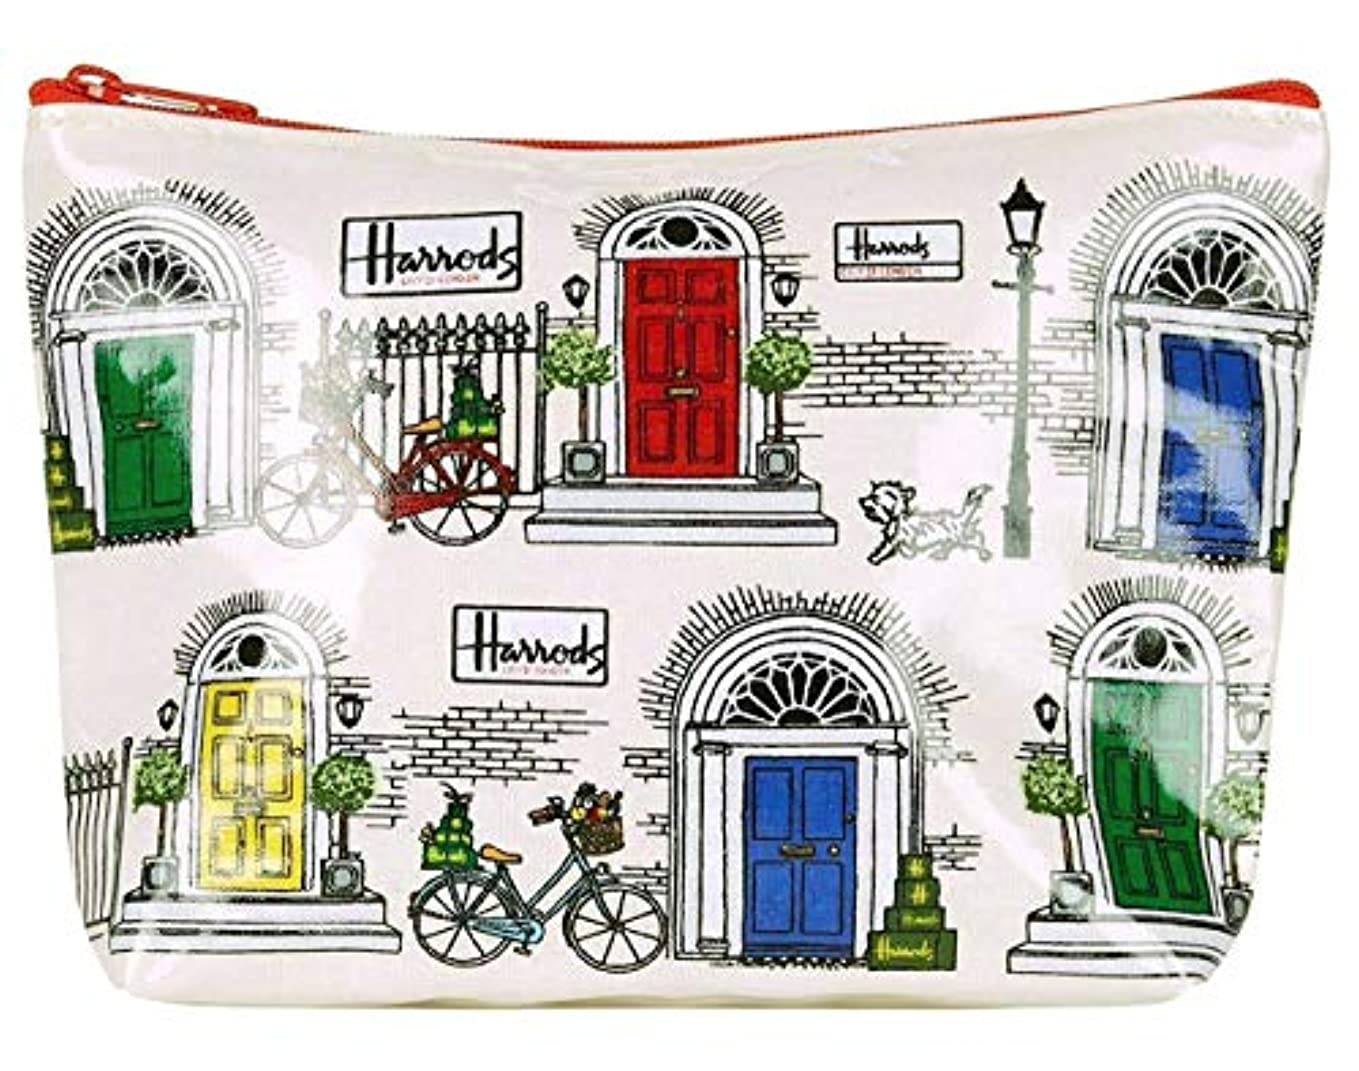 ブリリアントスツール教(ハロッズ) Harrods 正規品 ポーチ,化粧ポーチ,トラベルポーチ,ジップパース,ナプキン入れ Harrods Travel Pouch? (Knightsbridge Doors)